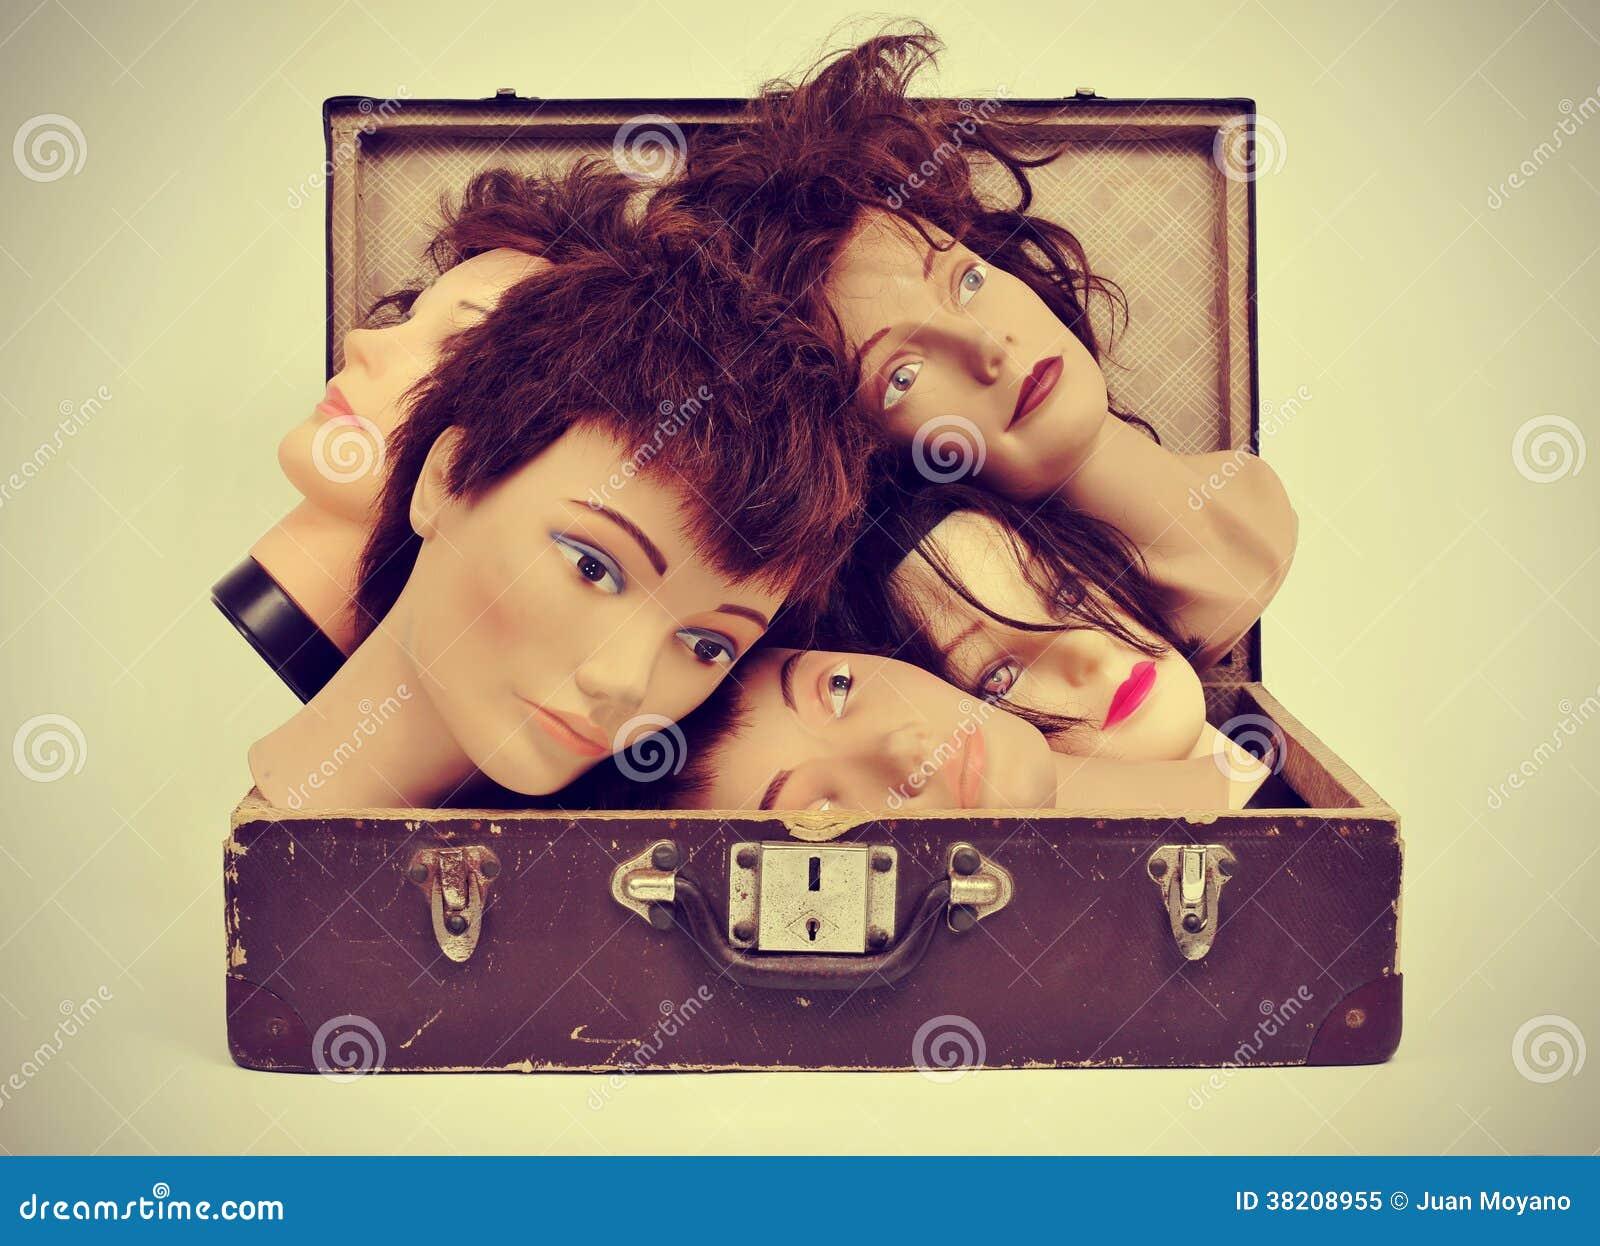 Κεφάλια μανεκέν σε μια παλαιά βαλίτσα